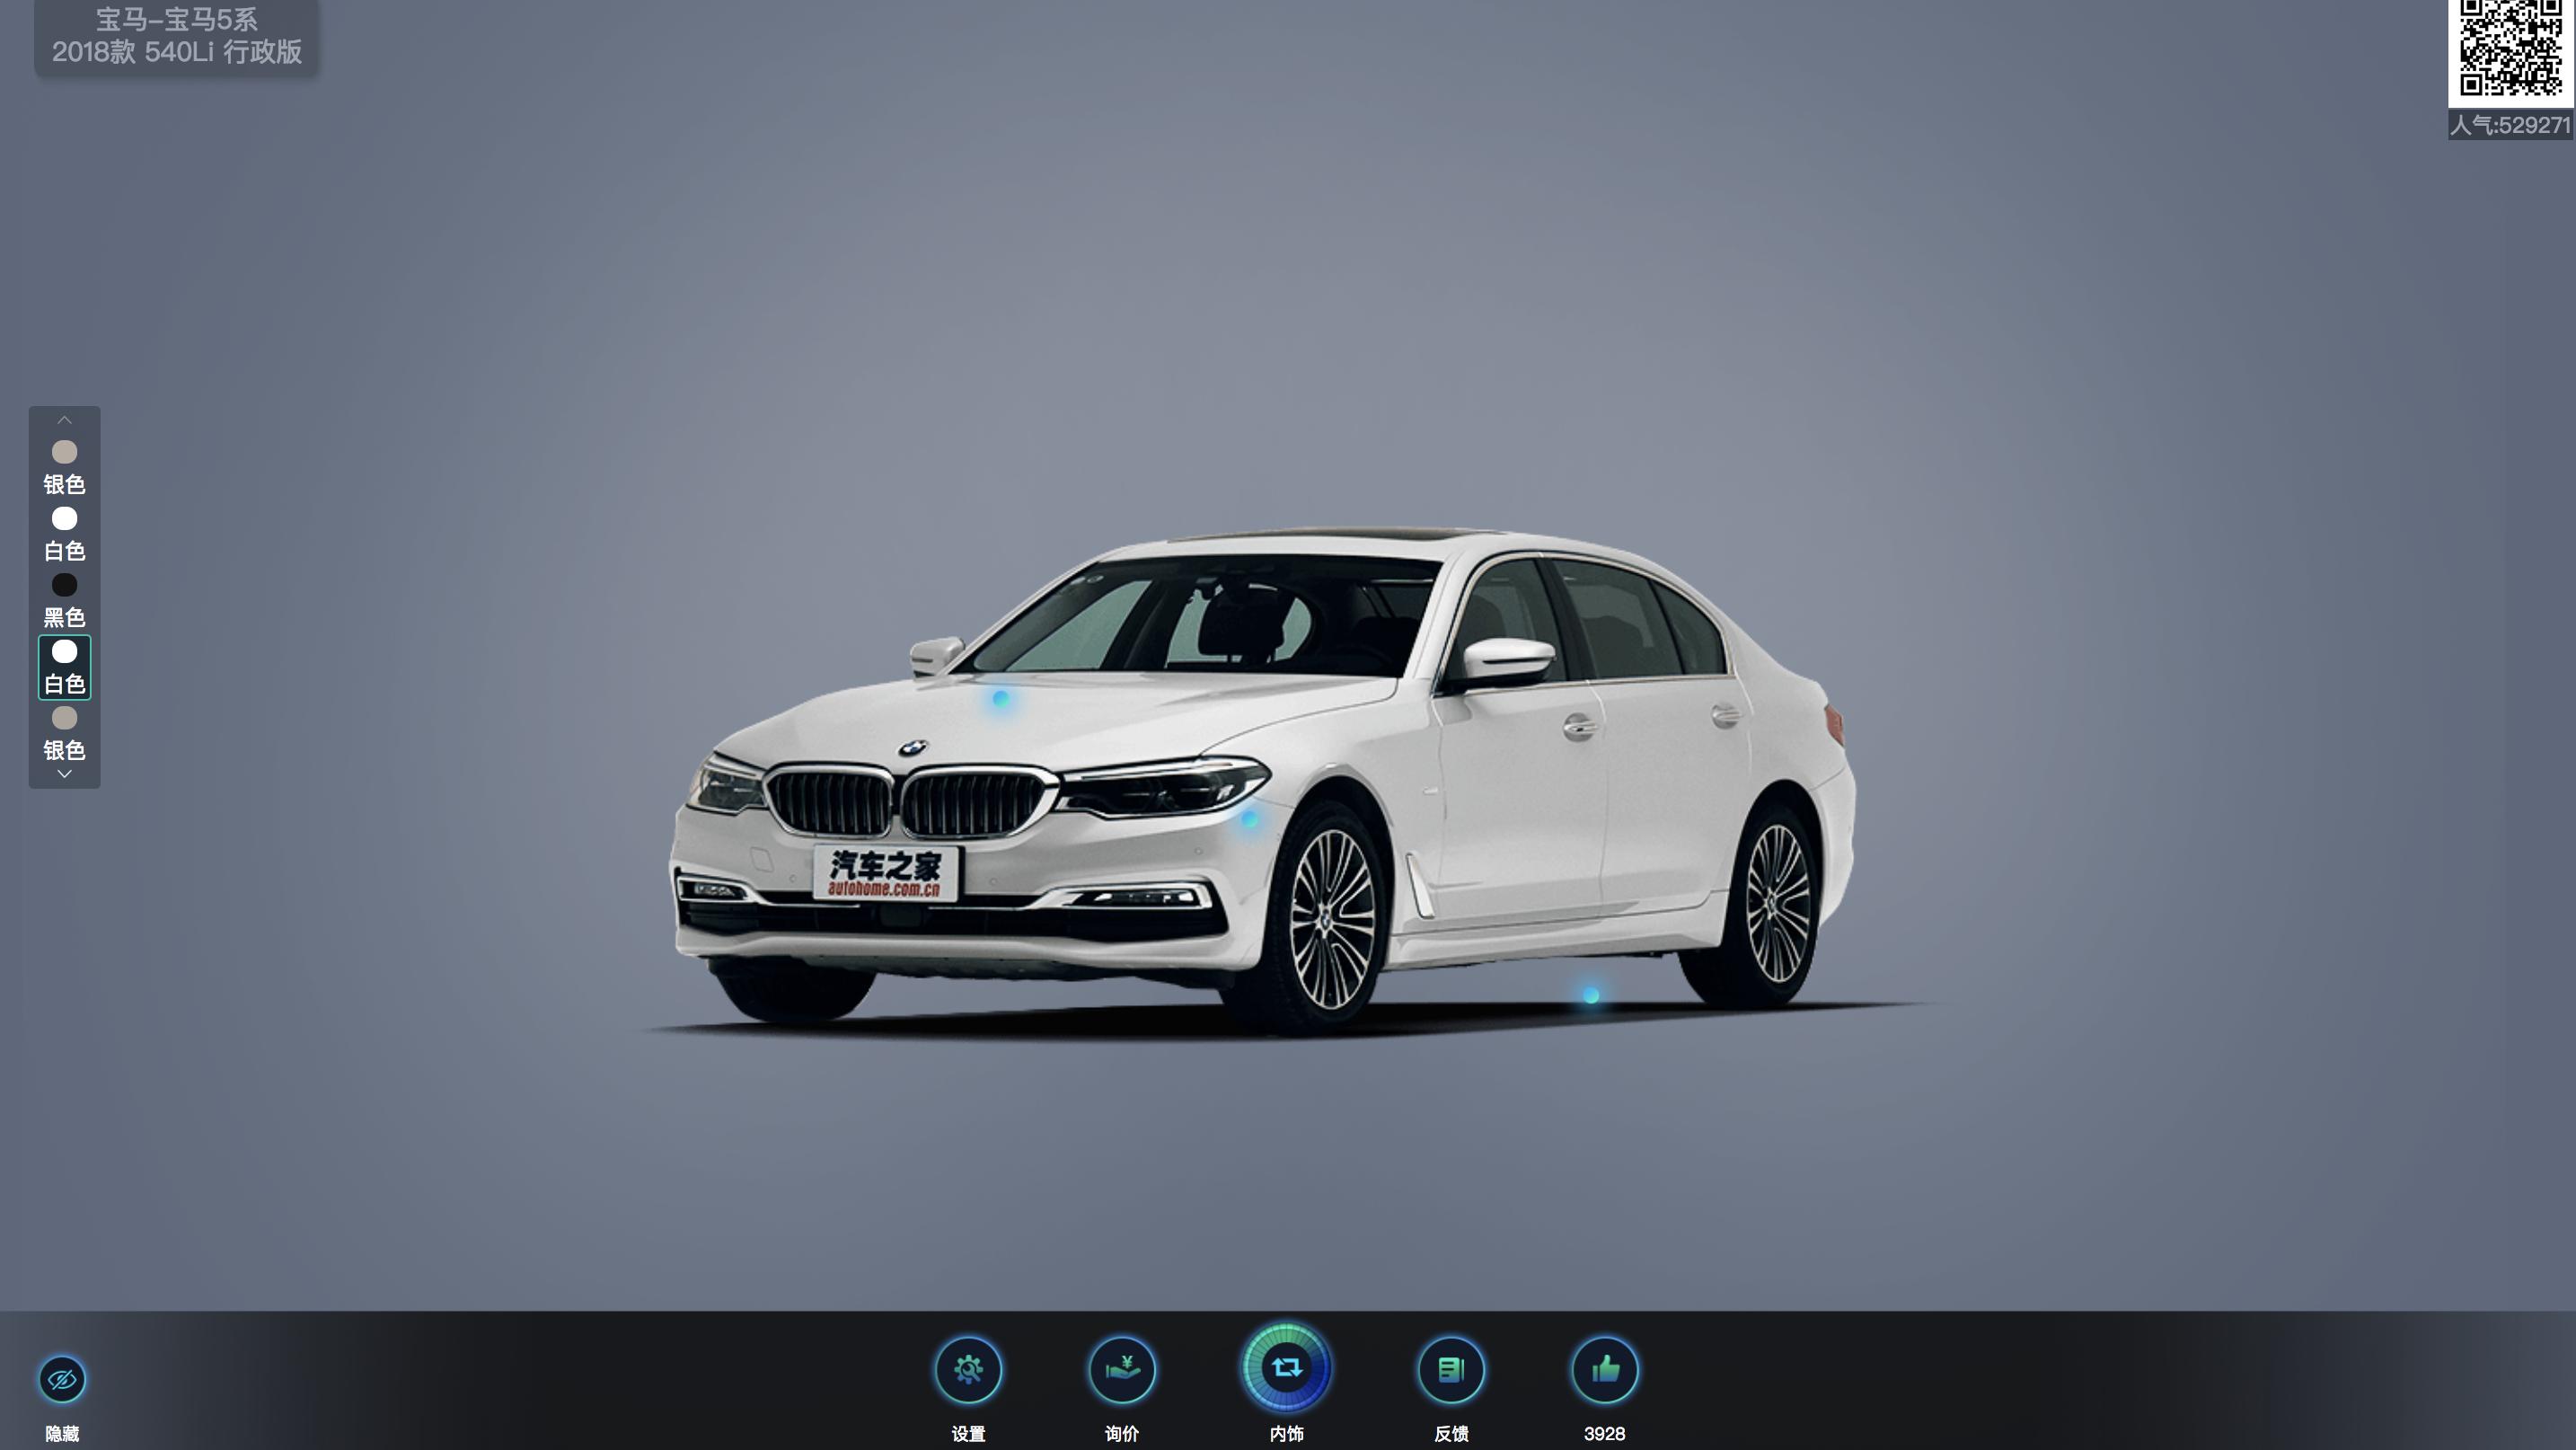 汽车之家车型库再升级 打造VR全景看车新生态